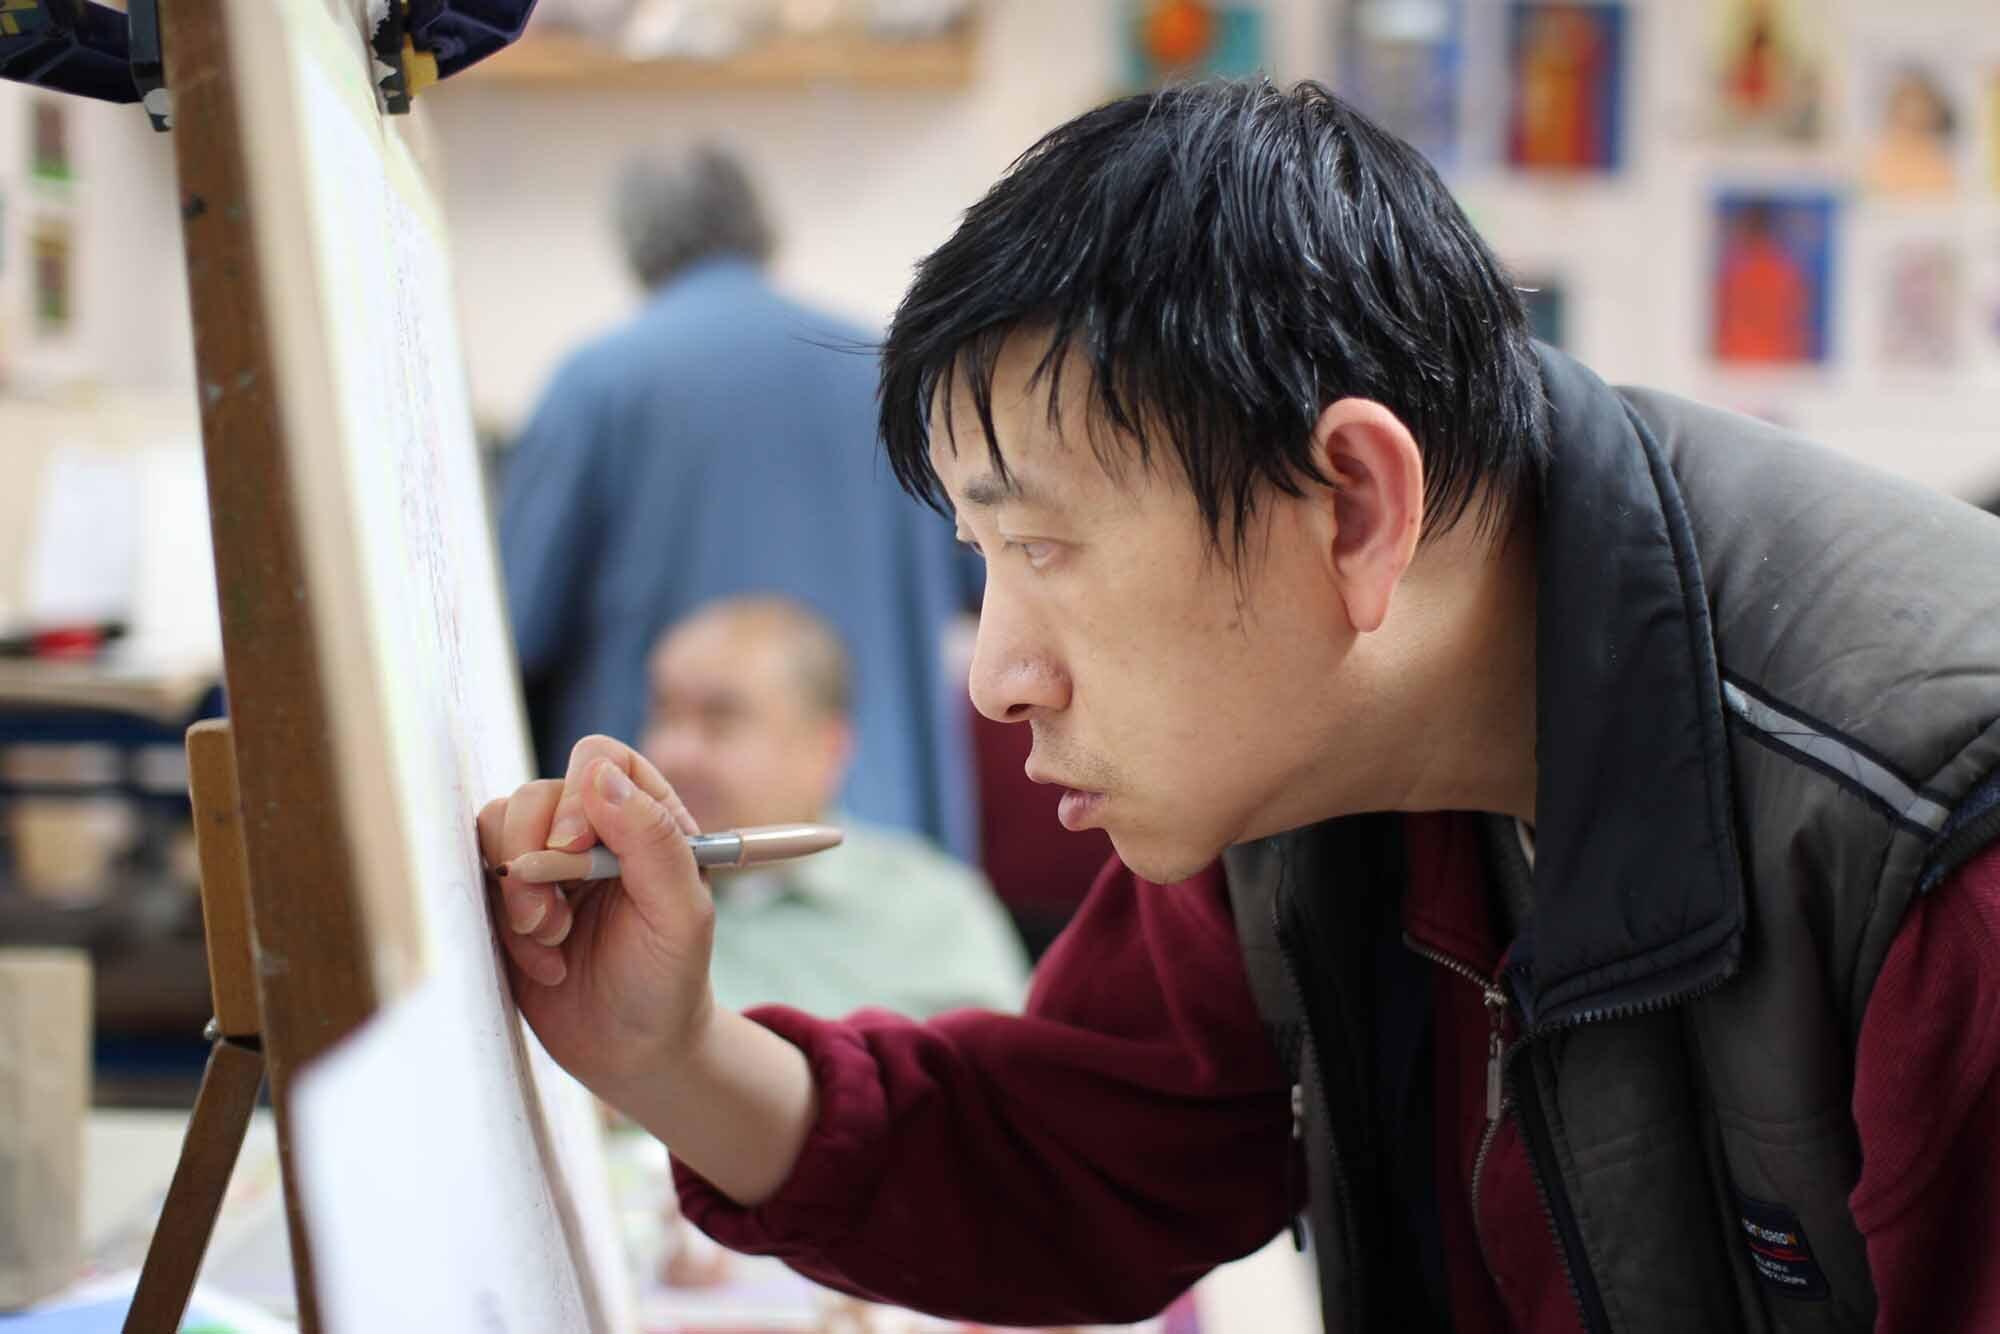 CE artist Hung Kei Shiu, a man of Asian descent, drawing in the studio.jpg